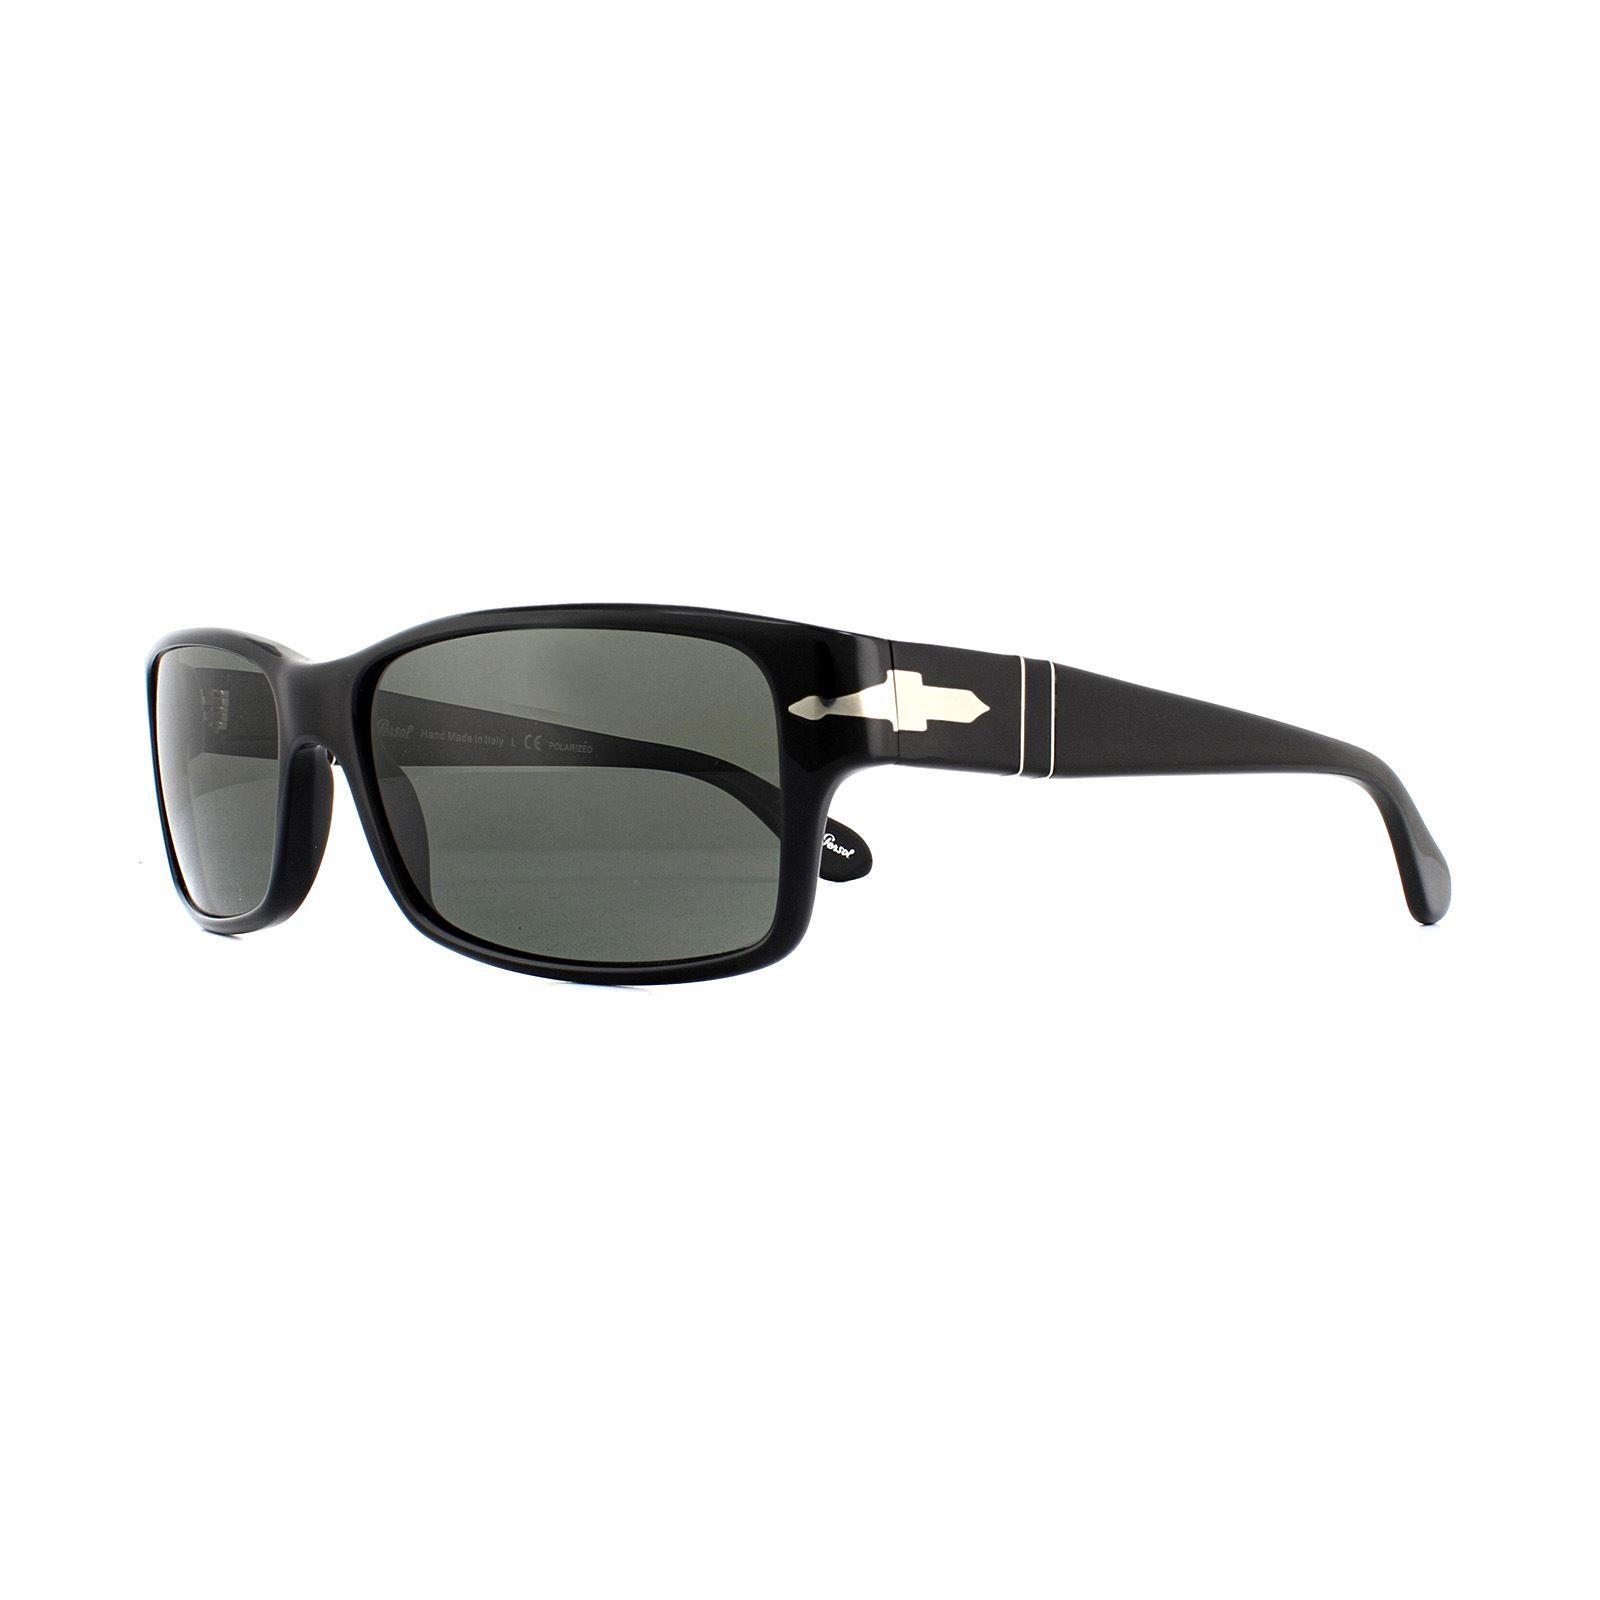 Persol Sunglasses 2803S 95/58 Black Green Polarized